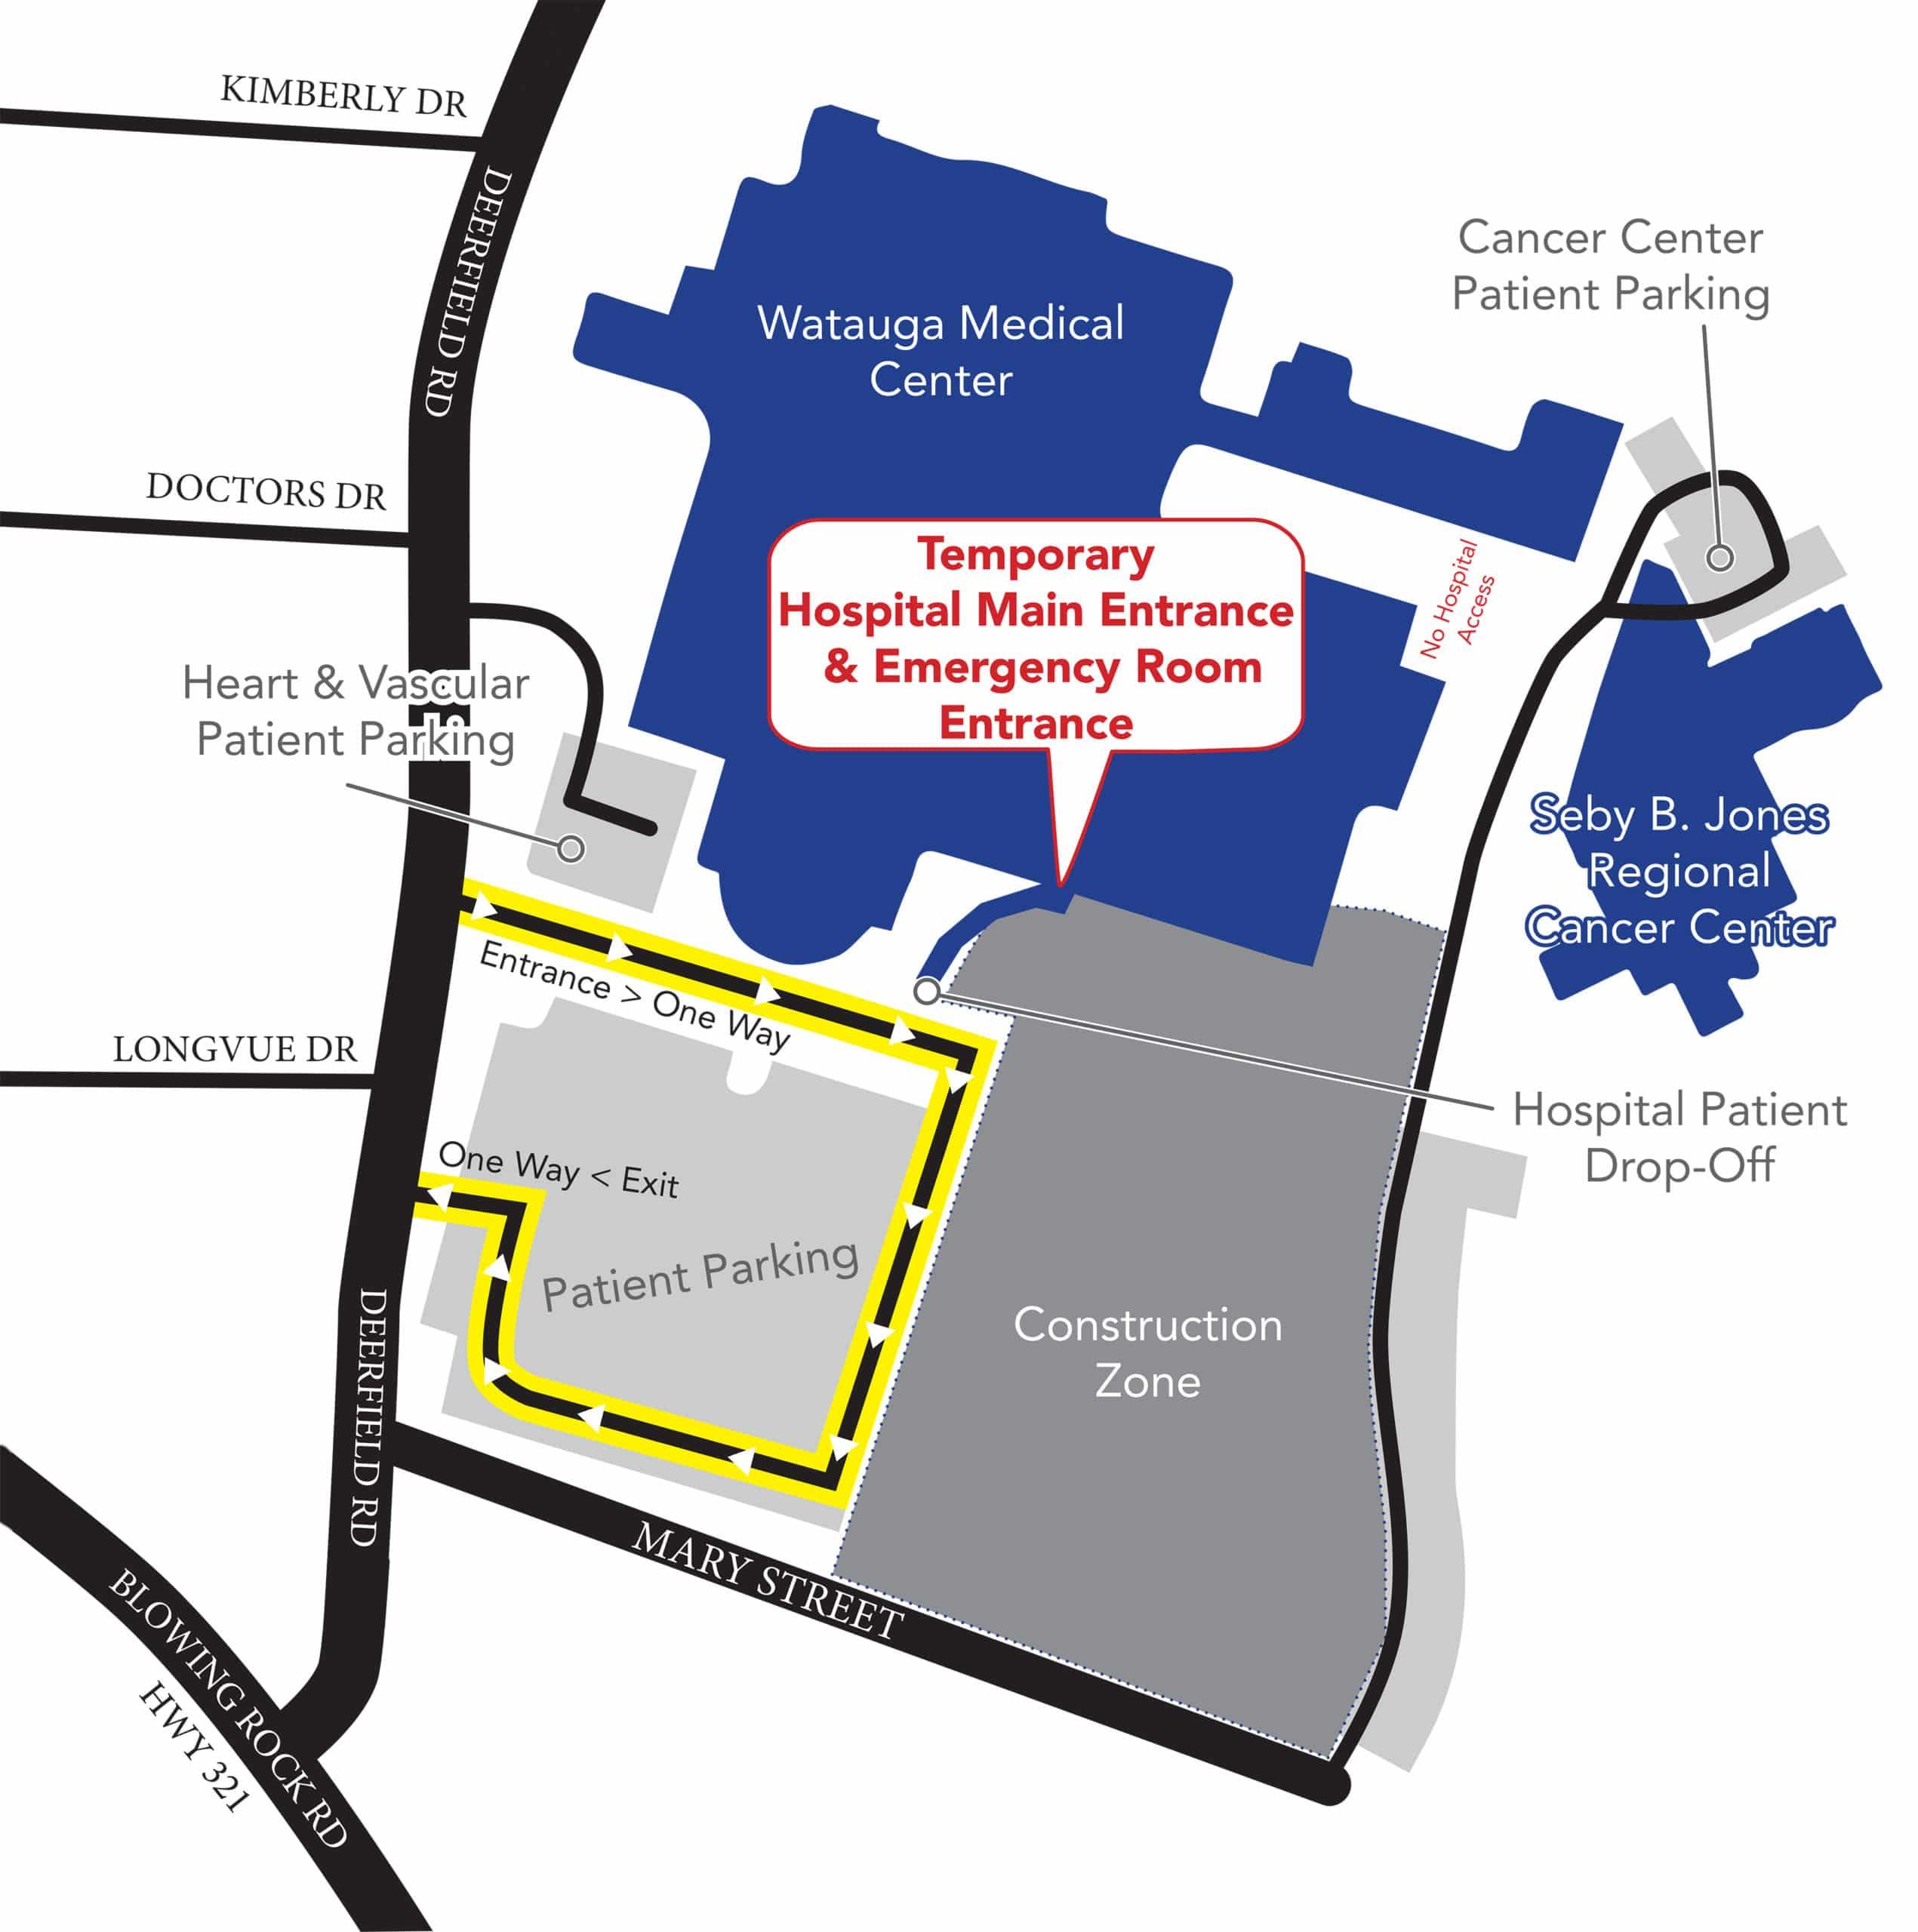 Patient Parking Map